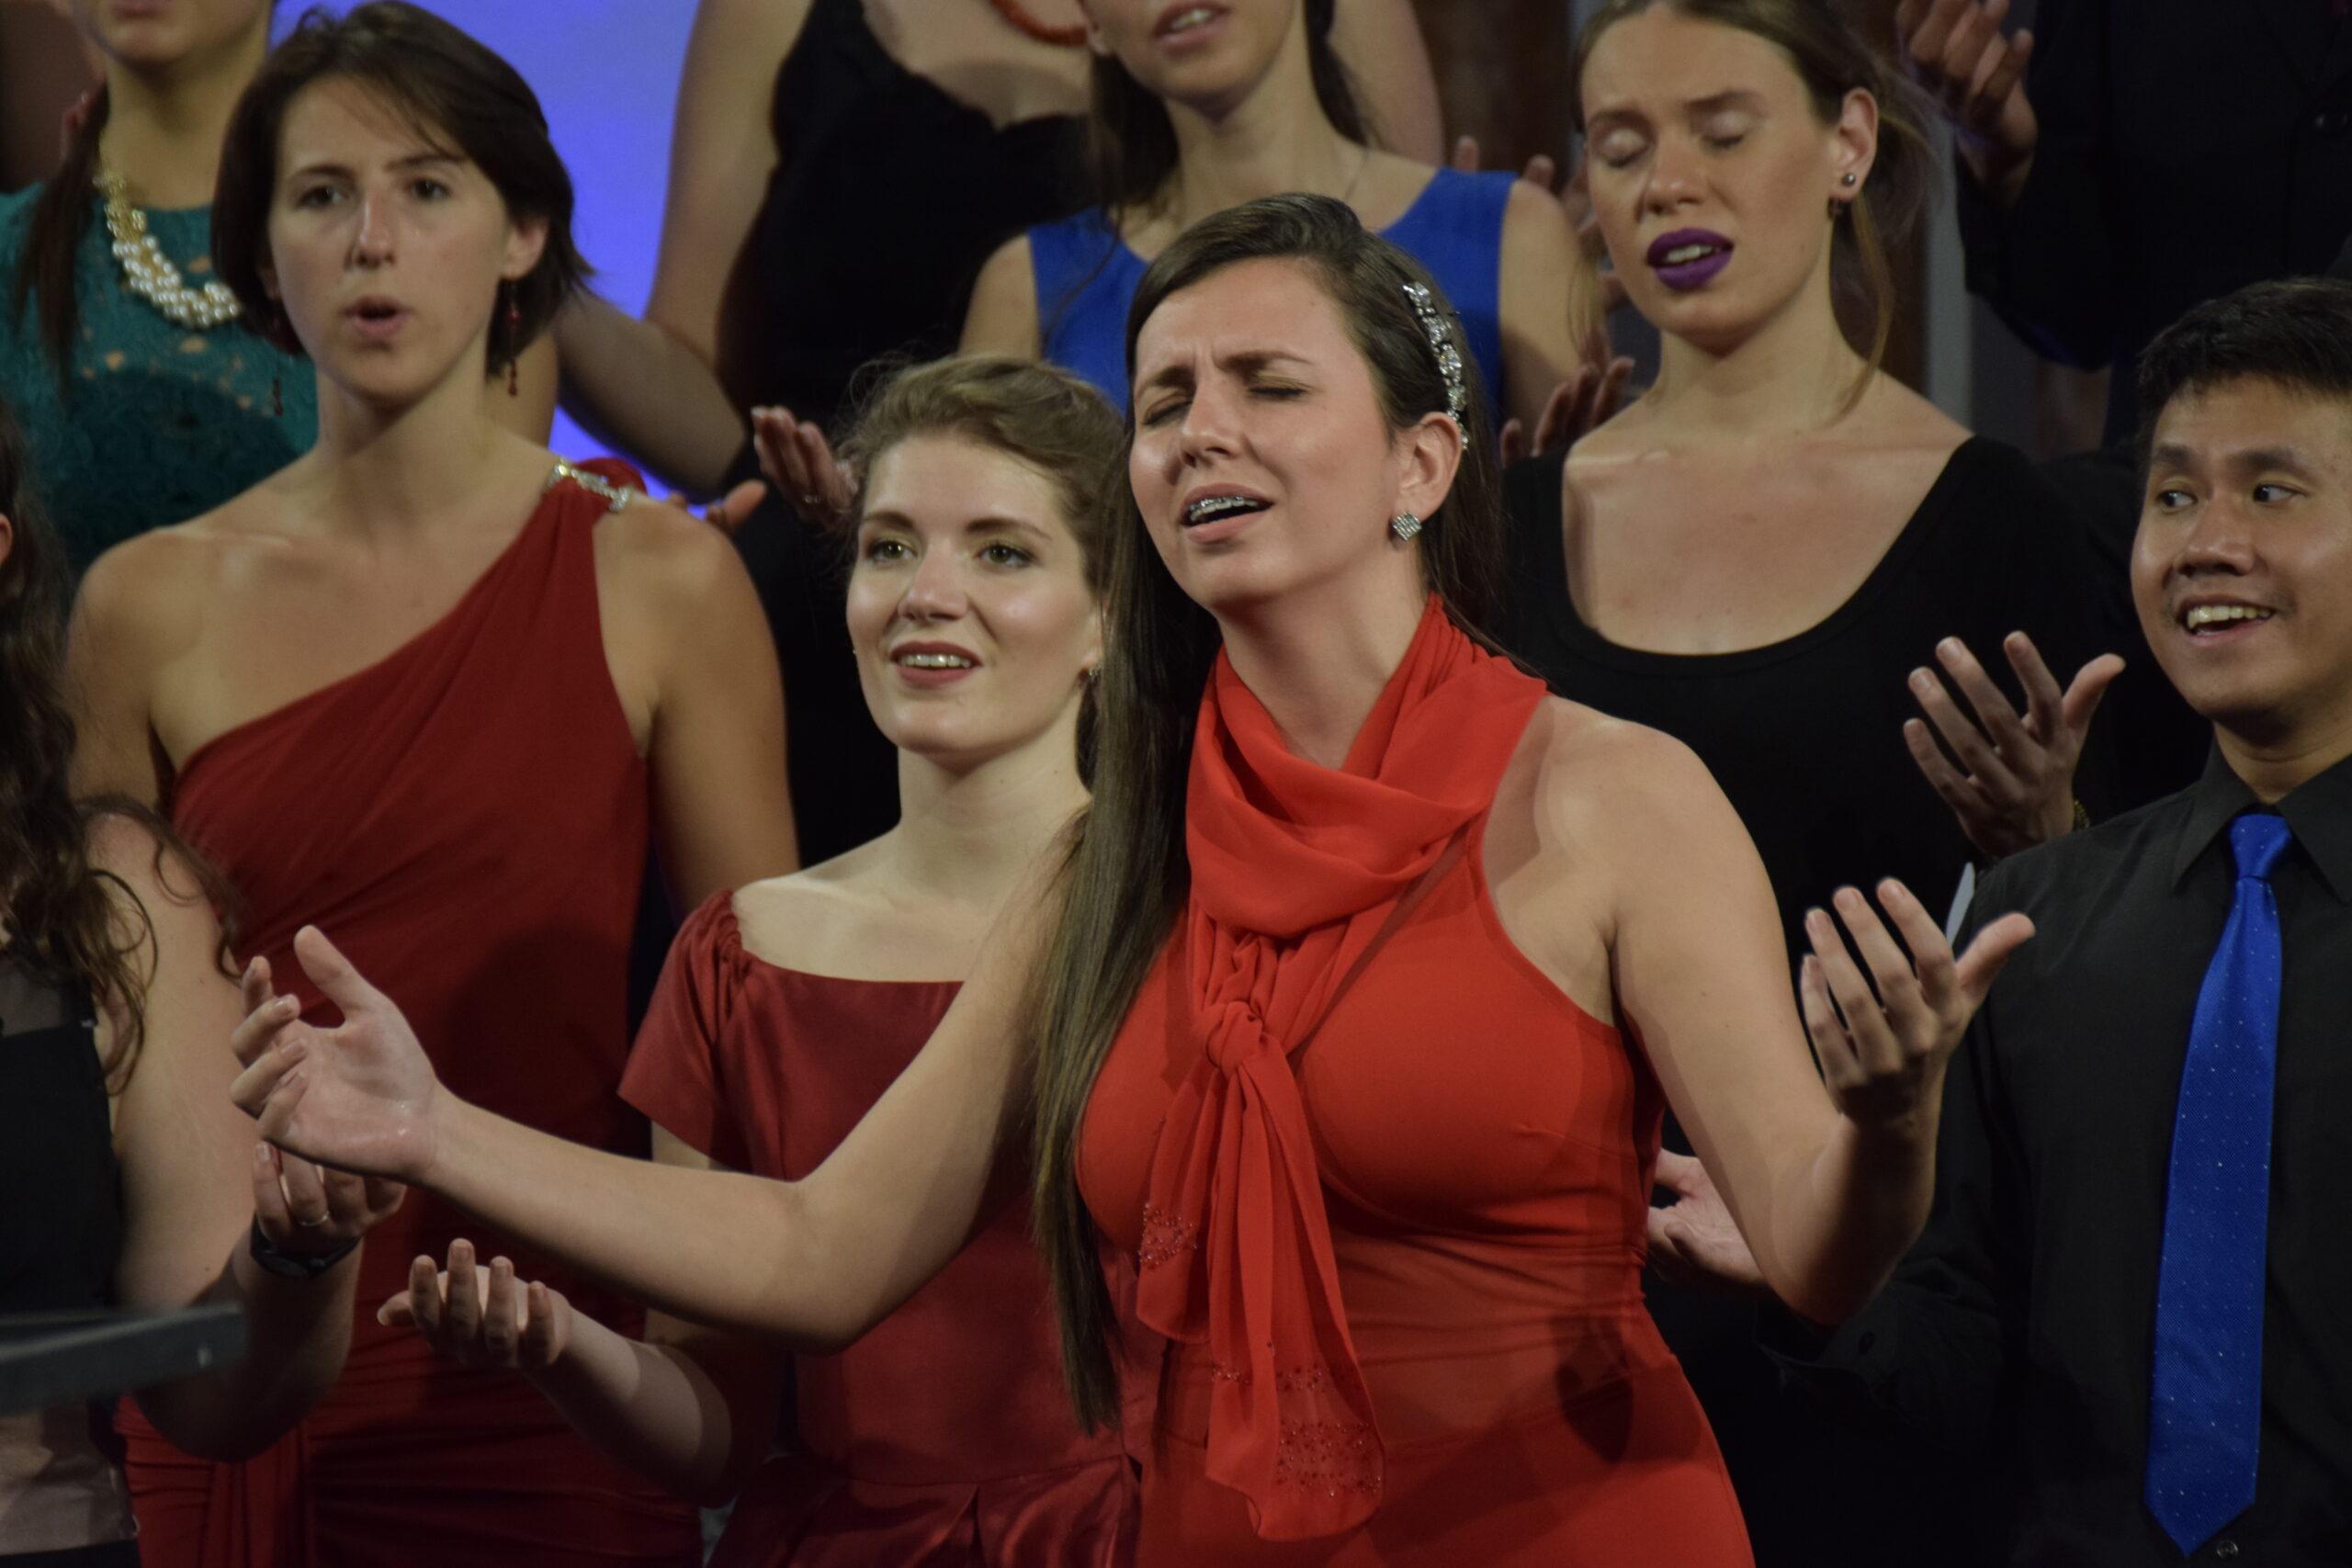 Luca Móczár, Madžarska: Ukuthula, 2017, World Youth Choir - Ukuthula: a Zulu prayer for peace in the world.